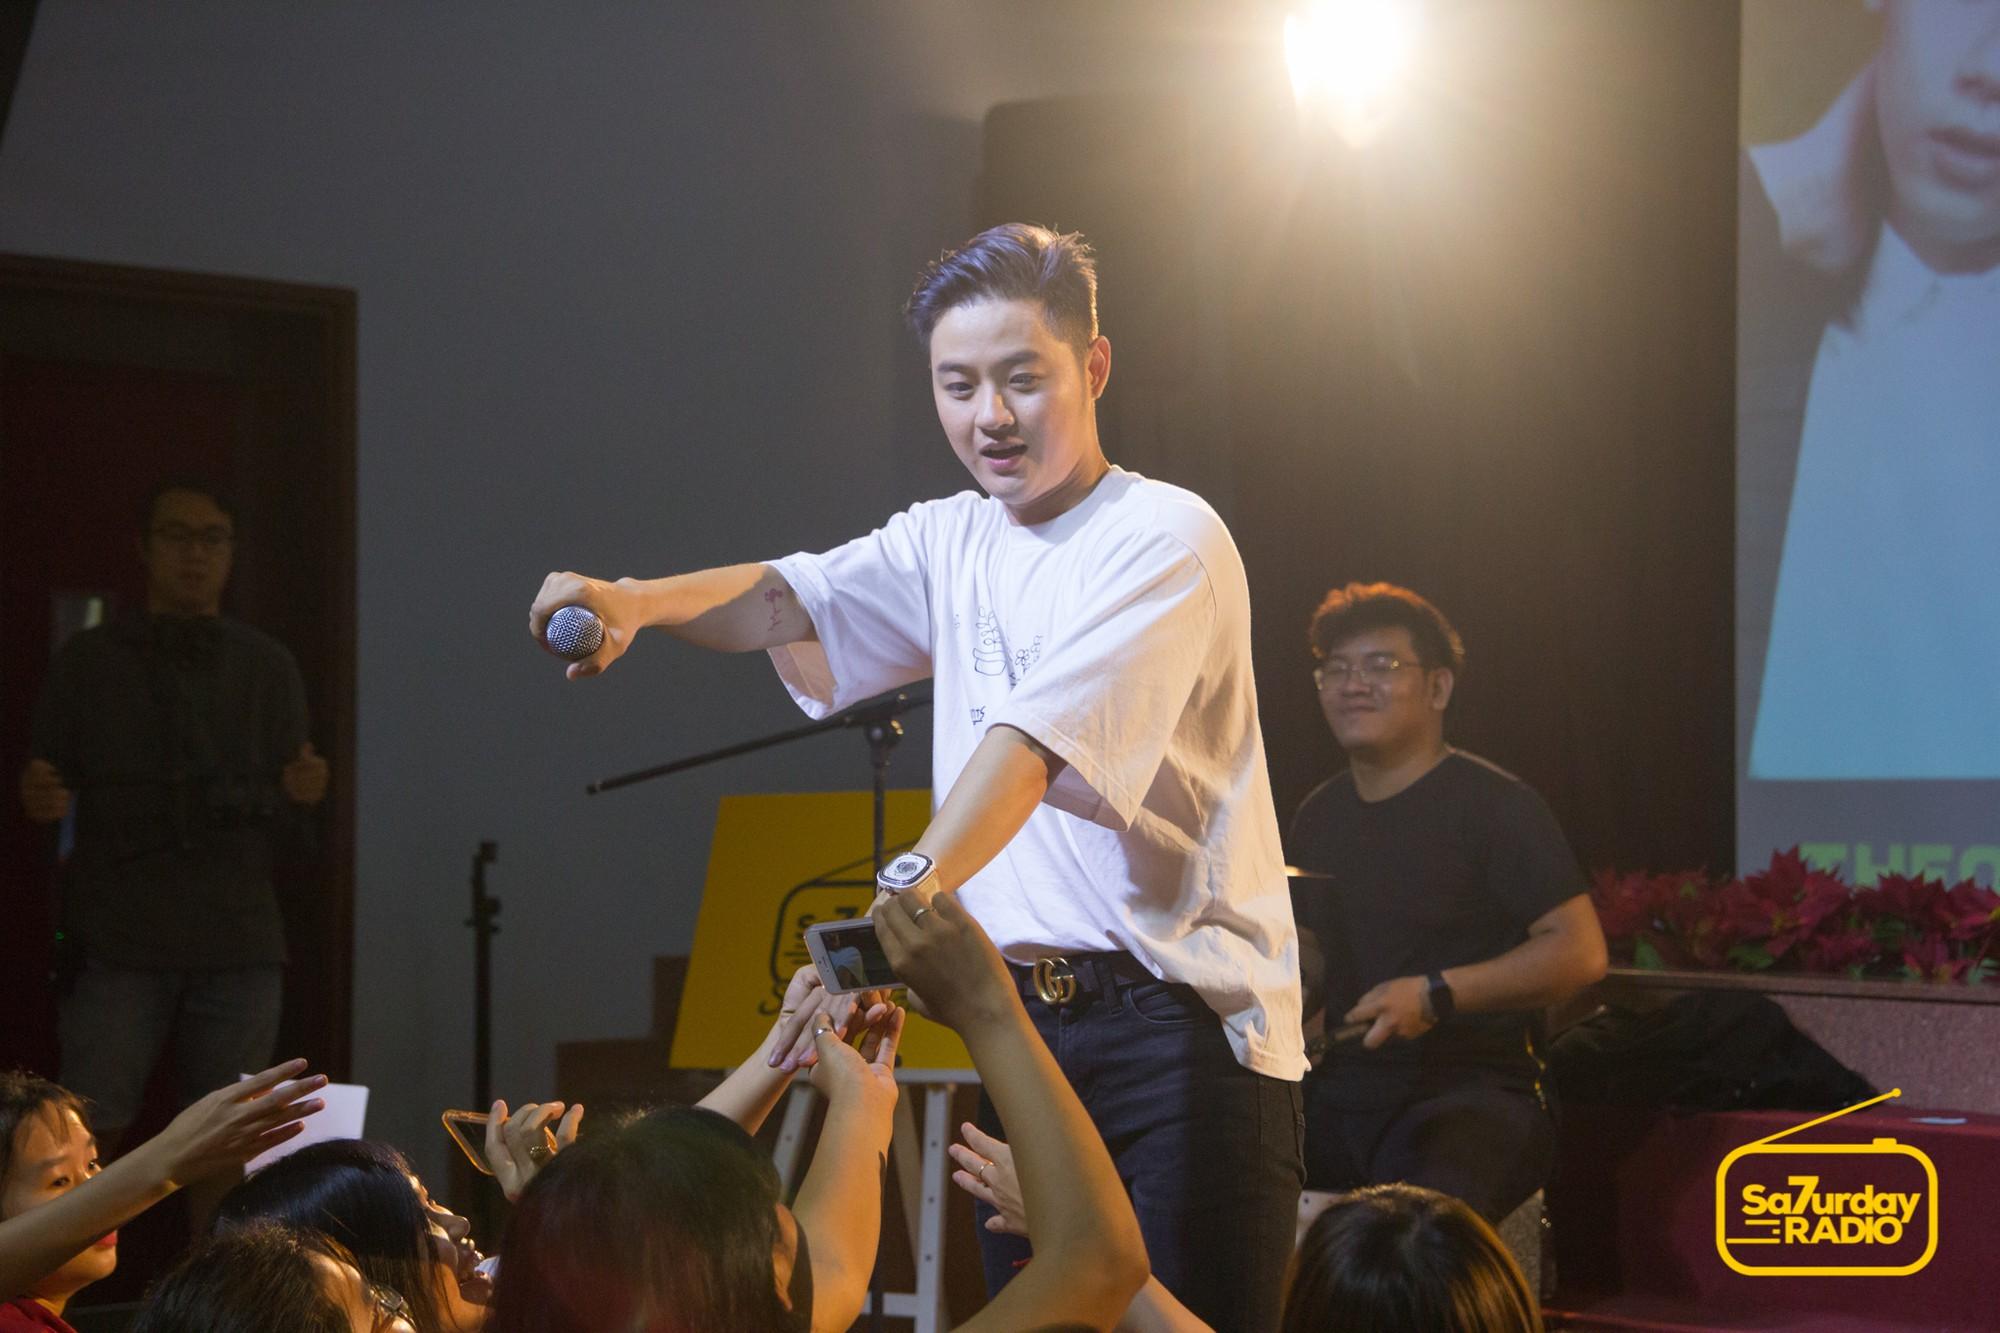 School Tour: Thanh Duy kể hết tật xấu bạn thân, Đại Nhân thẳng thắn đối diện khi bị nói đã qua thời nên không còn hit - Ảnh 3.